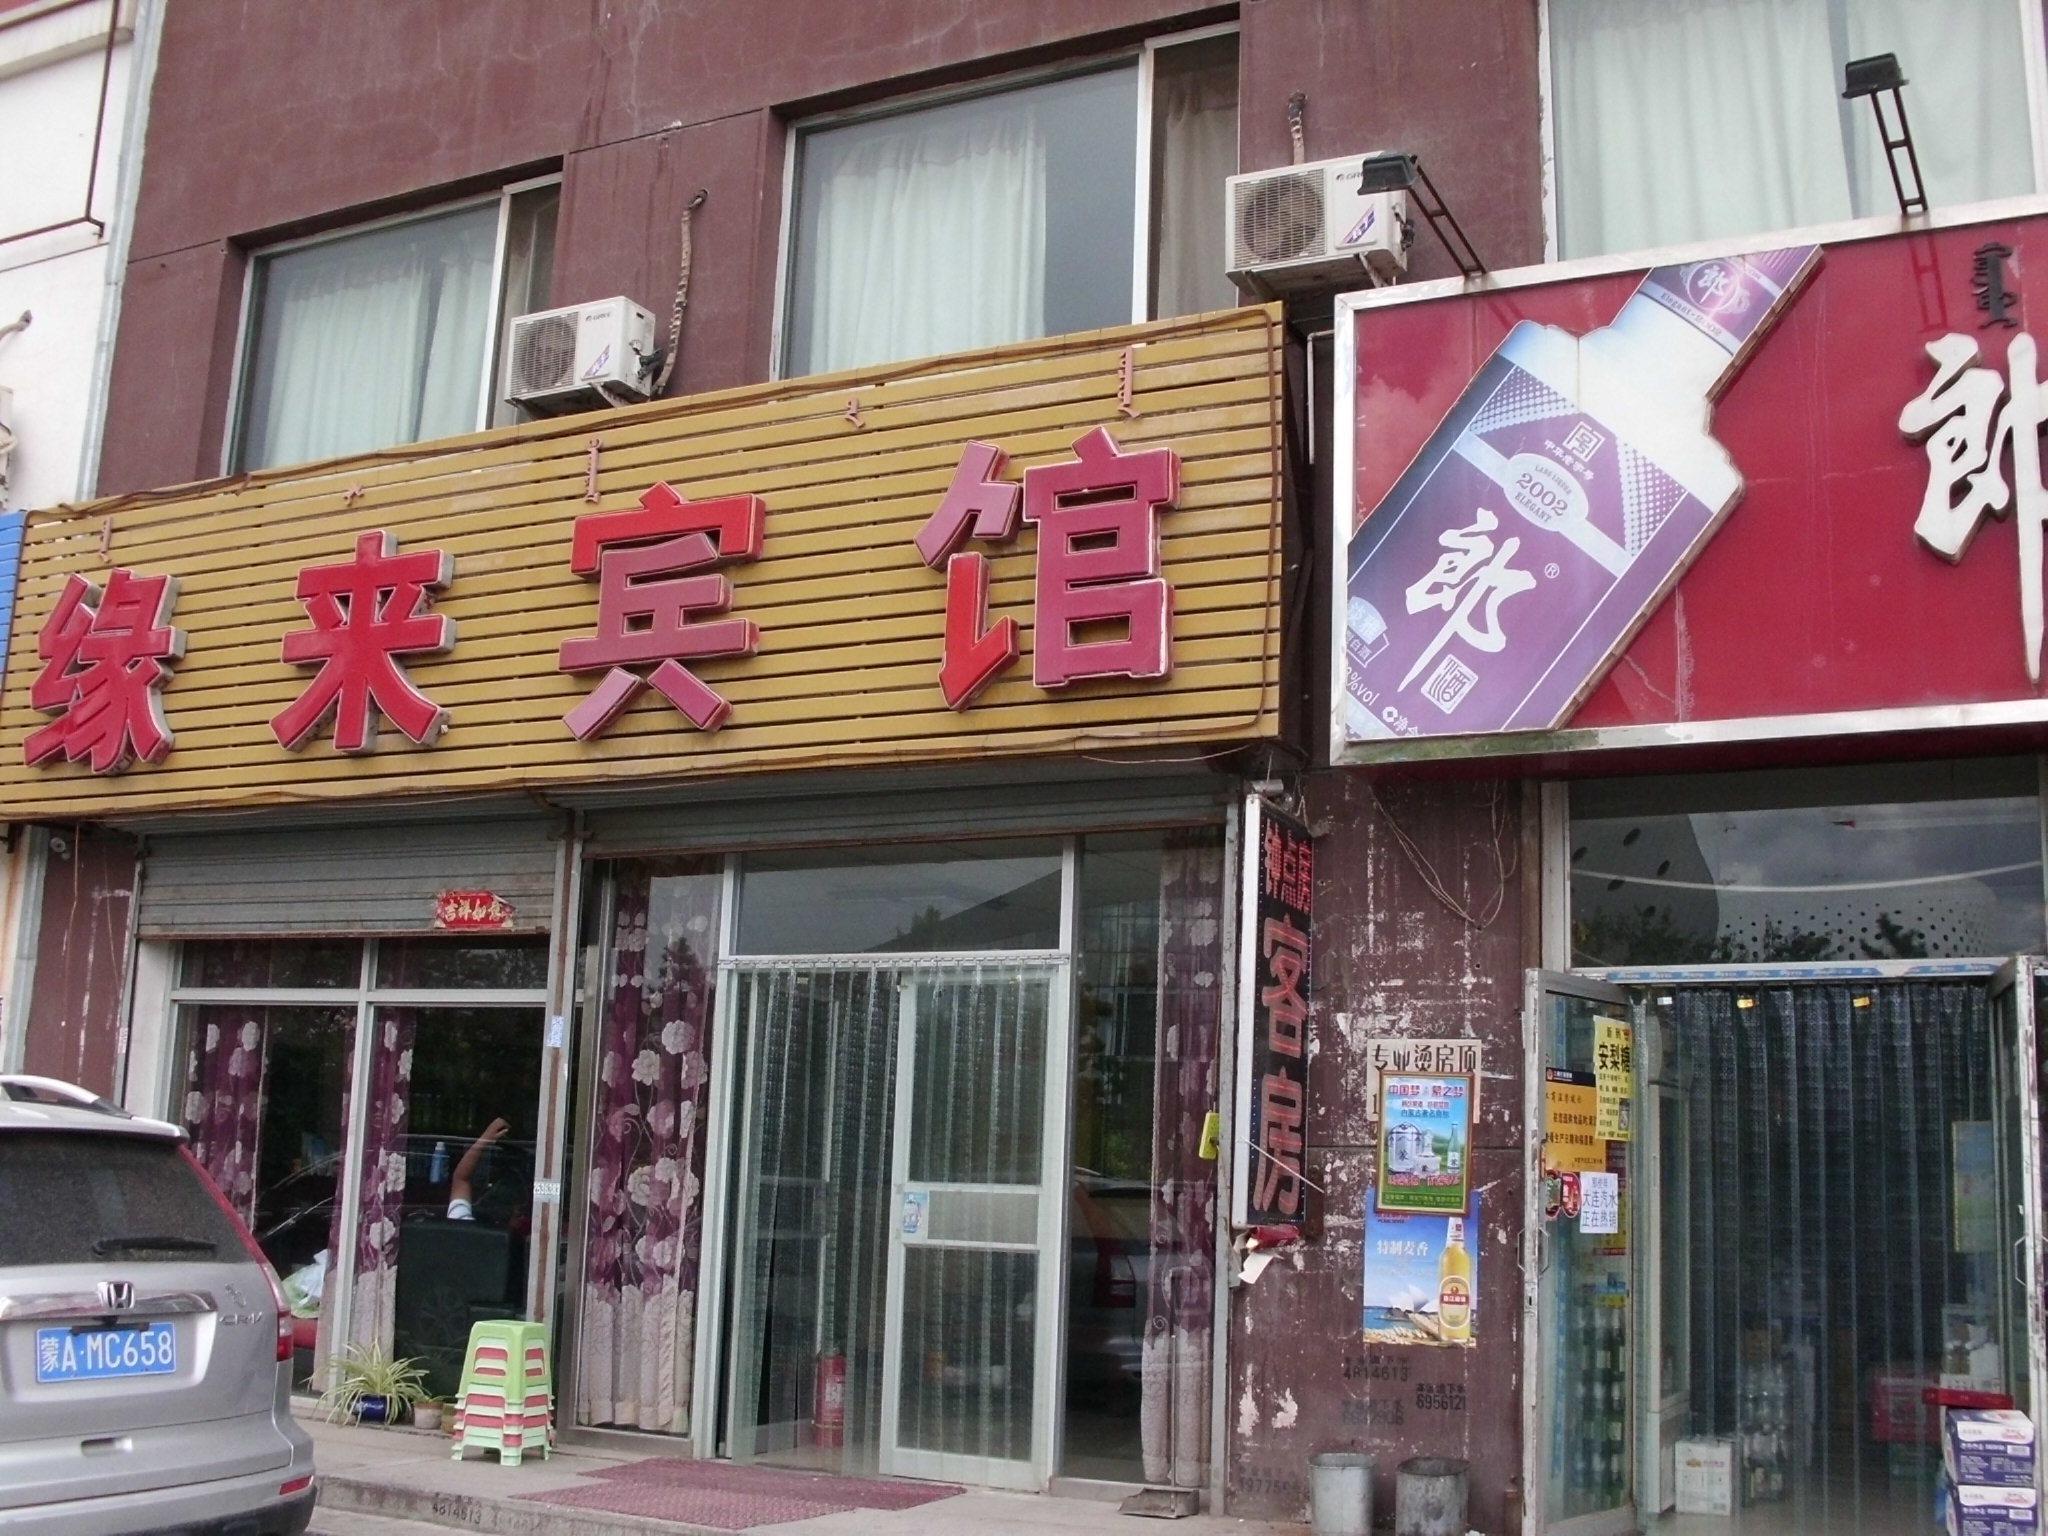 38坊资讯网哥们喝高了………… 最新消息: 经征询特聘专家意见,上海海上搜救中心决定在今天中午12点,终止大规模人命搜救行动,转入常规搜寻。 熊猫四川麻将下载_熊猫四川麻将官方免费下载-下载之家